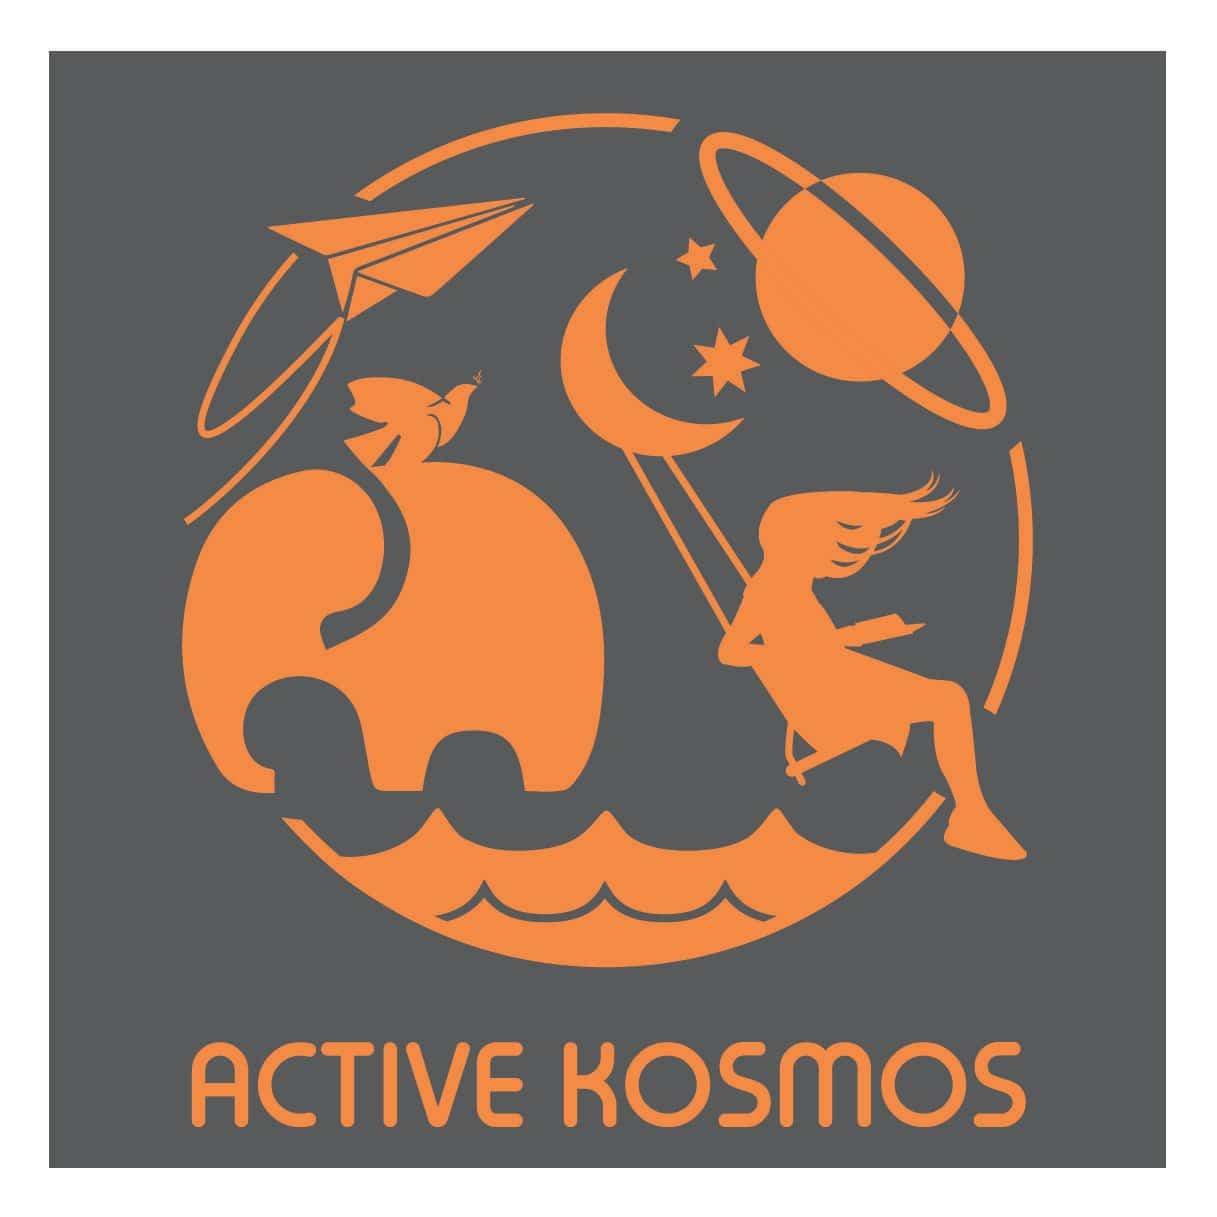 ACTIVITE KOSMOS logo - Jóvenes herencianos caminantes del mundo fundan Active Kosmos (AK)